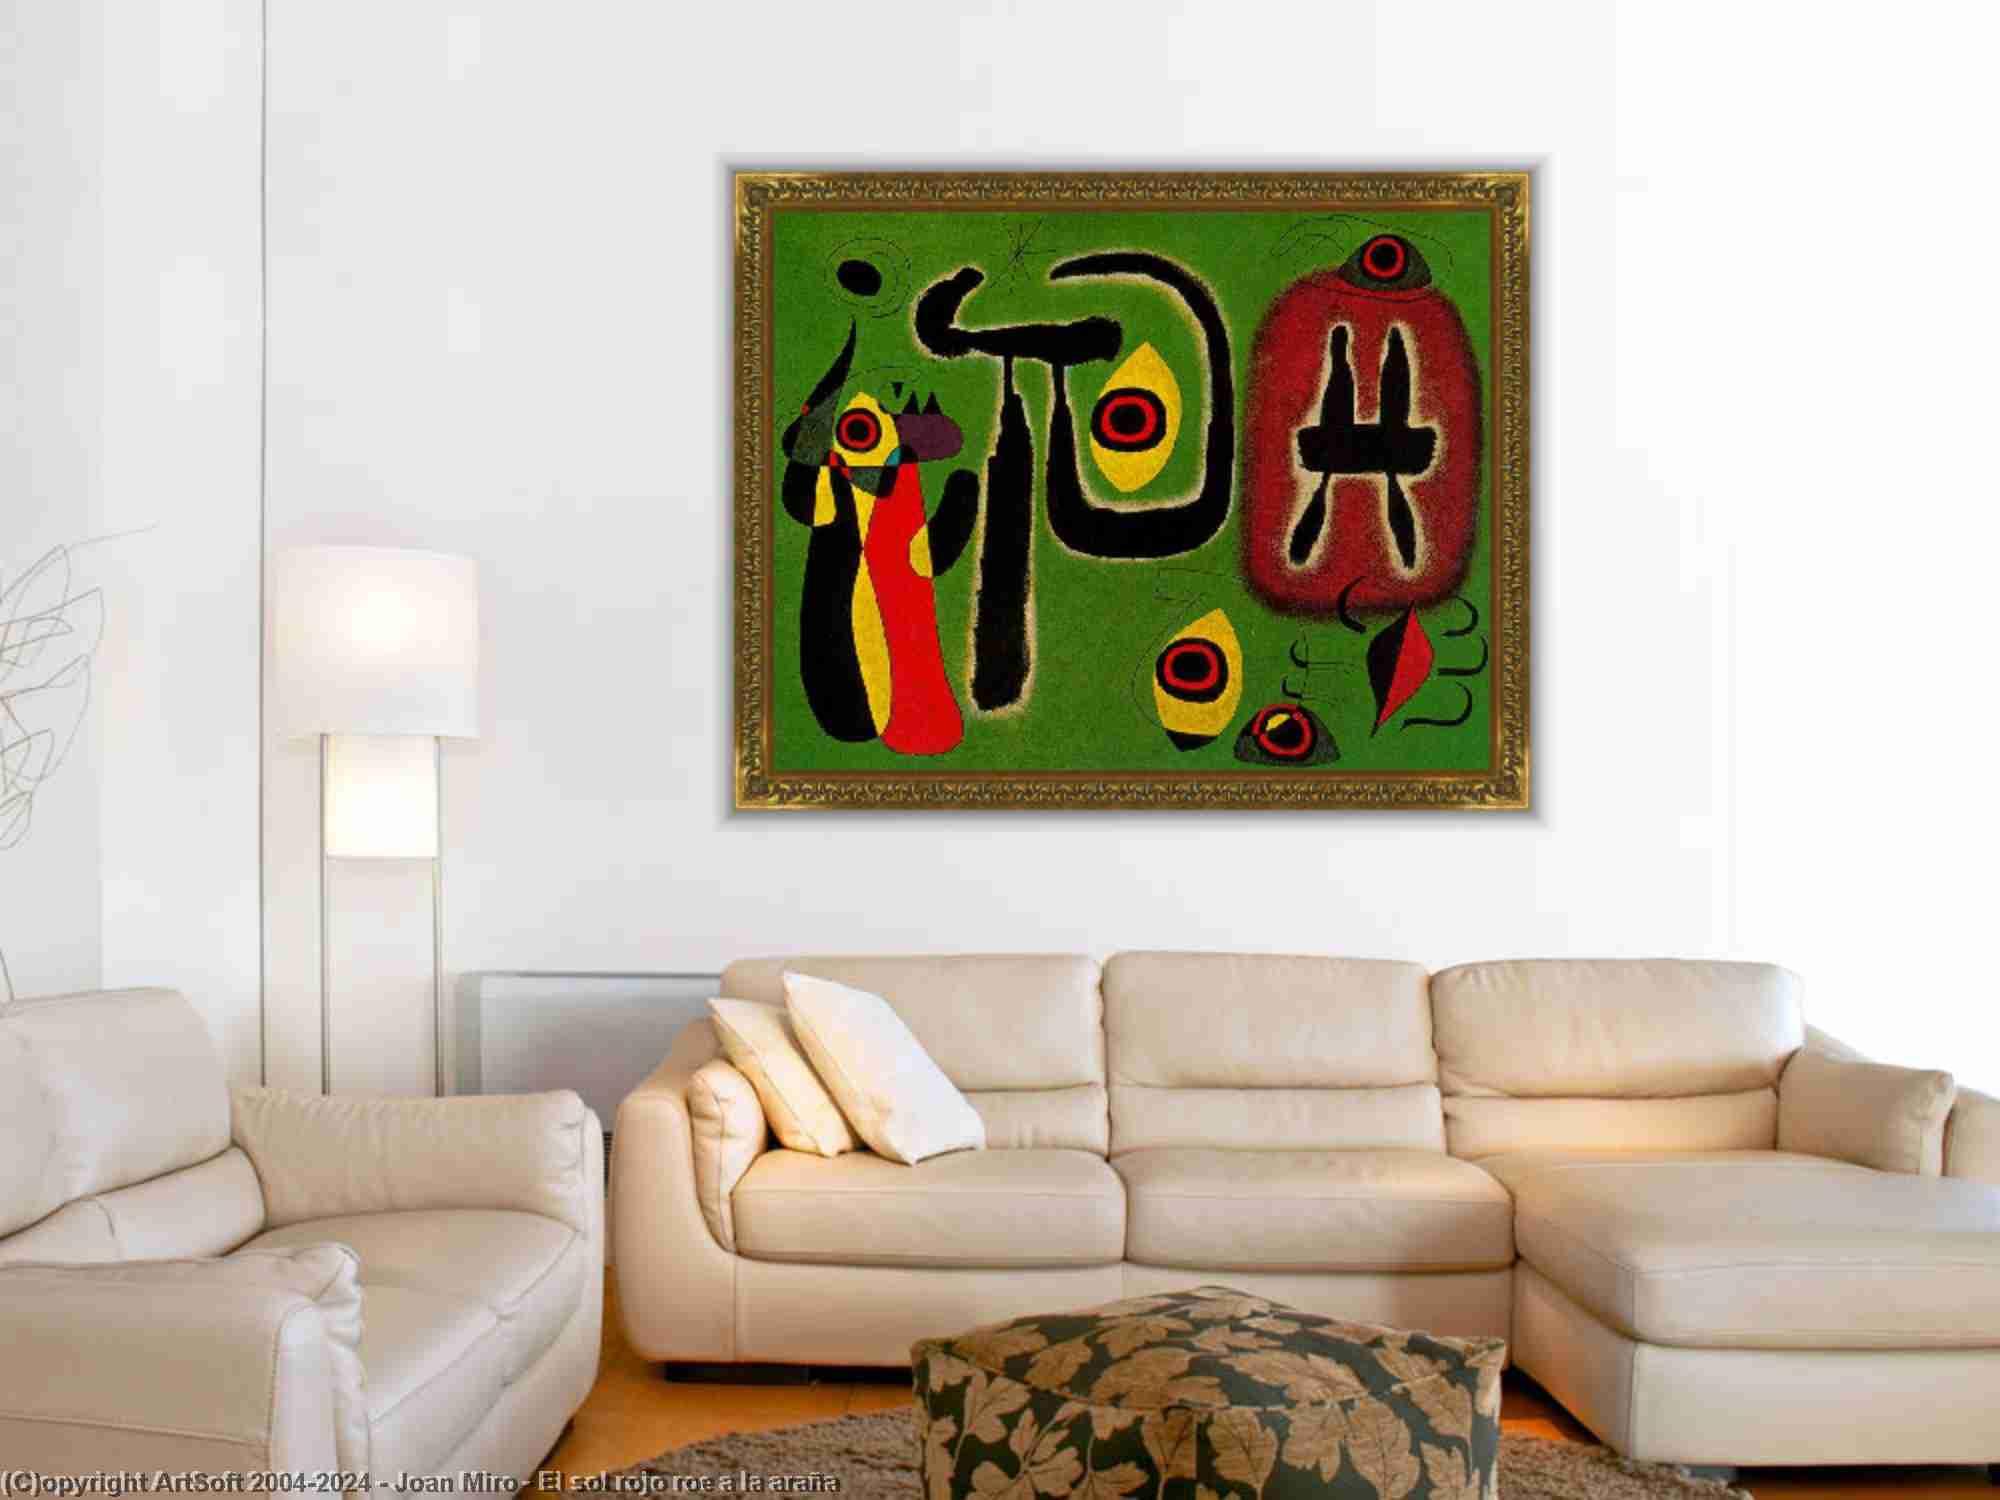 Joan Miro - El sol rojo huevas a la araña